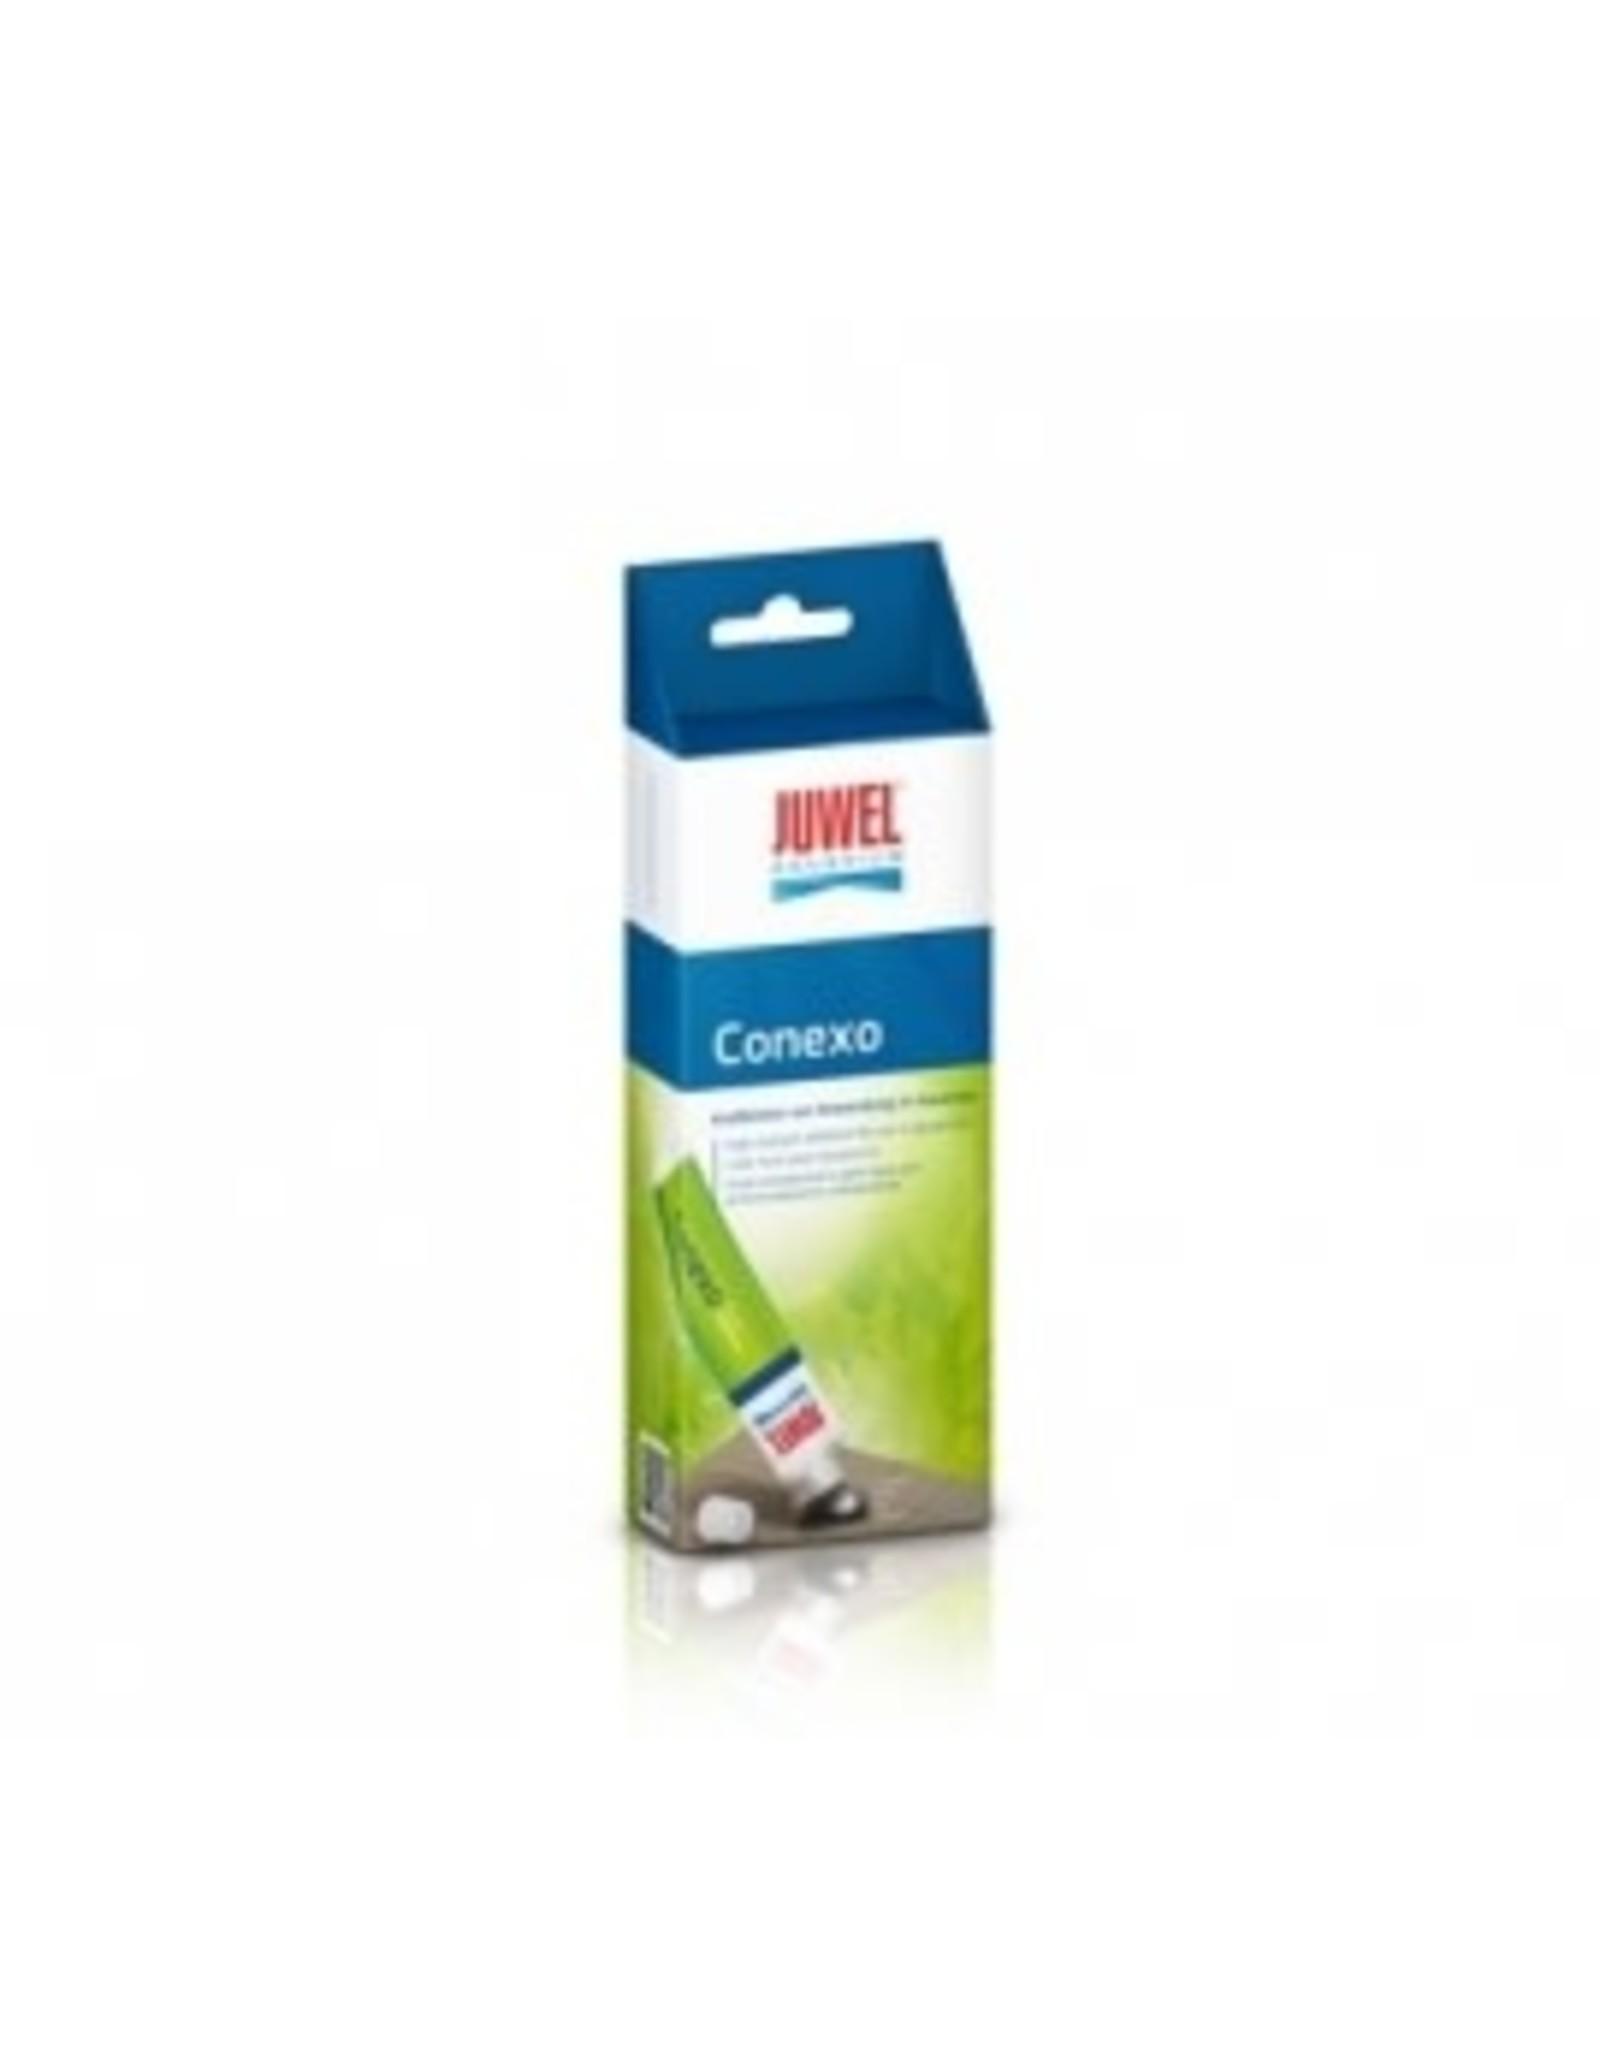 Juwel COLLE CONEXO 80 ml